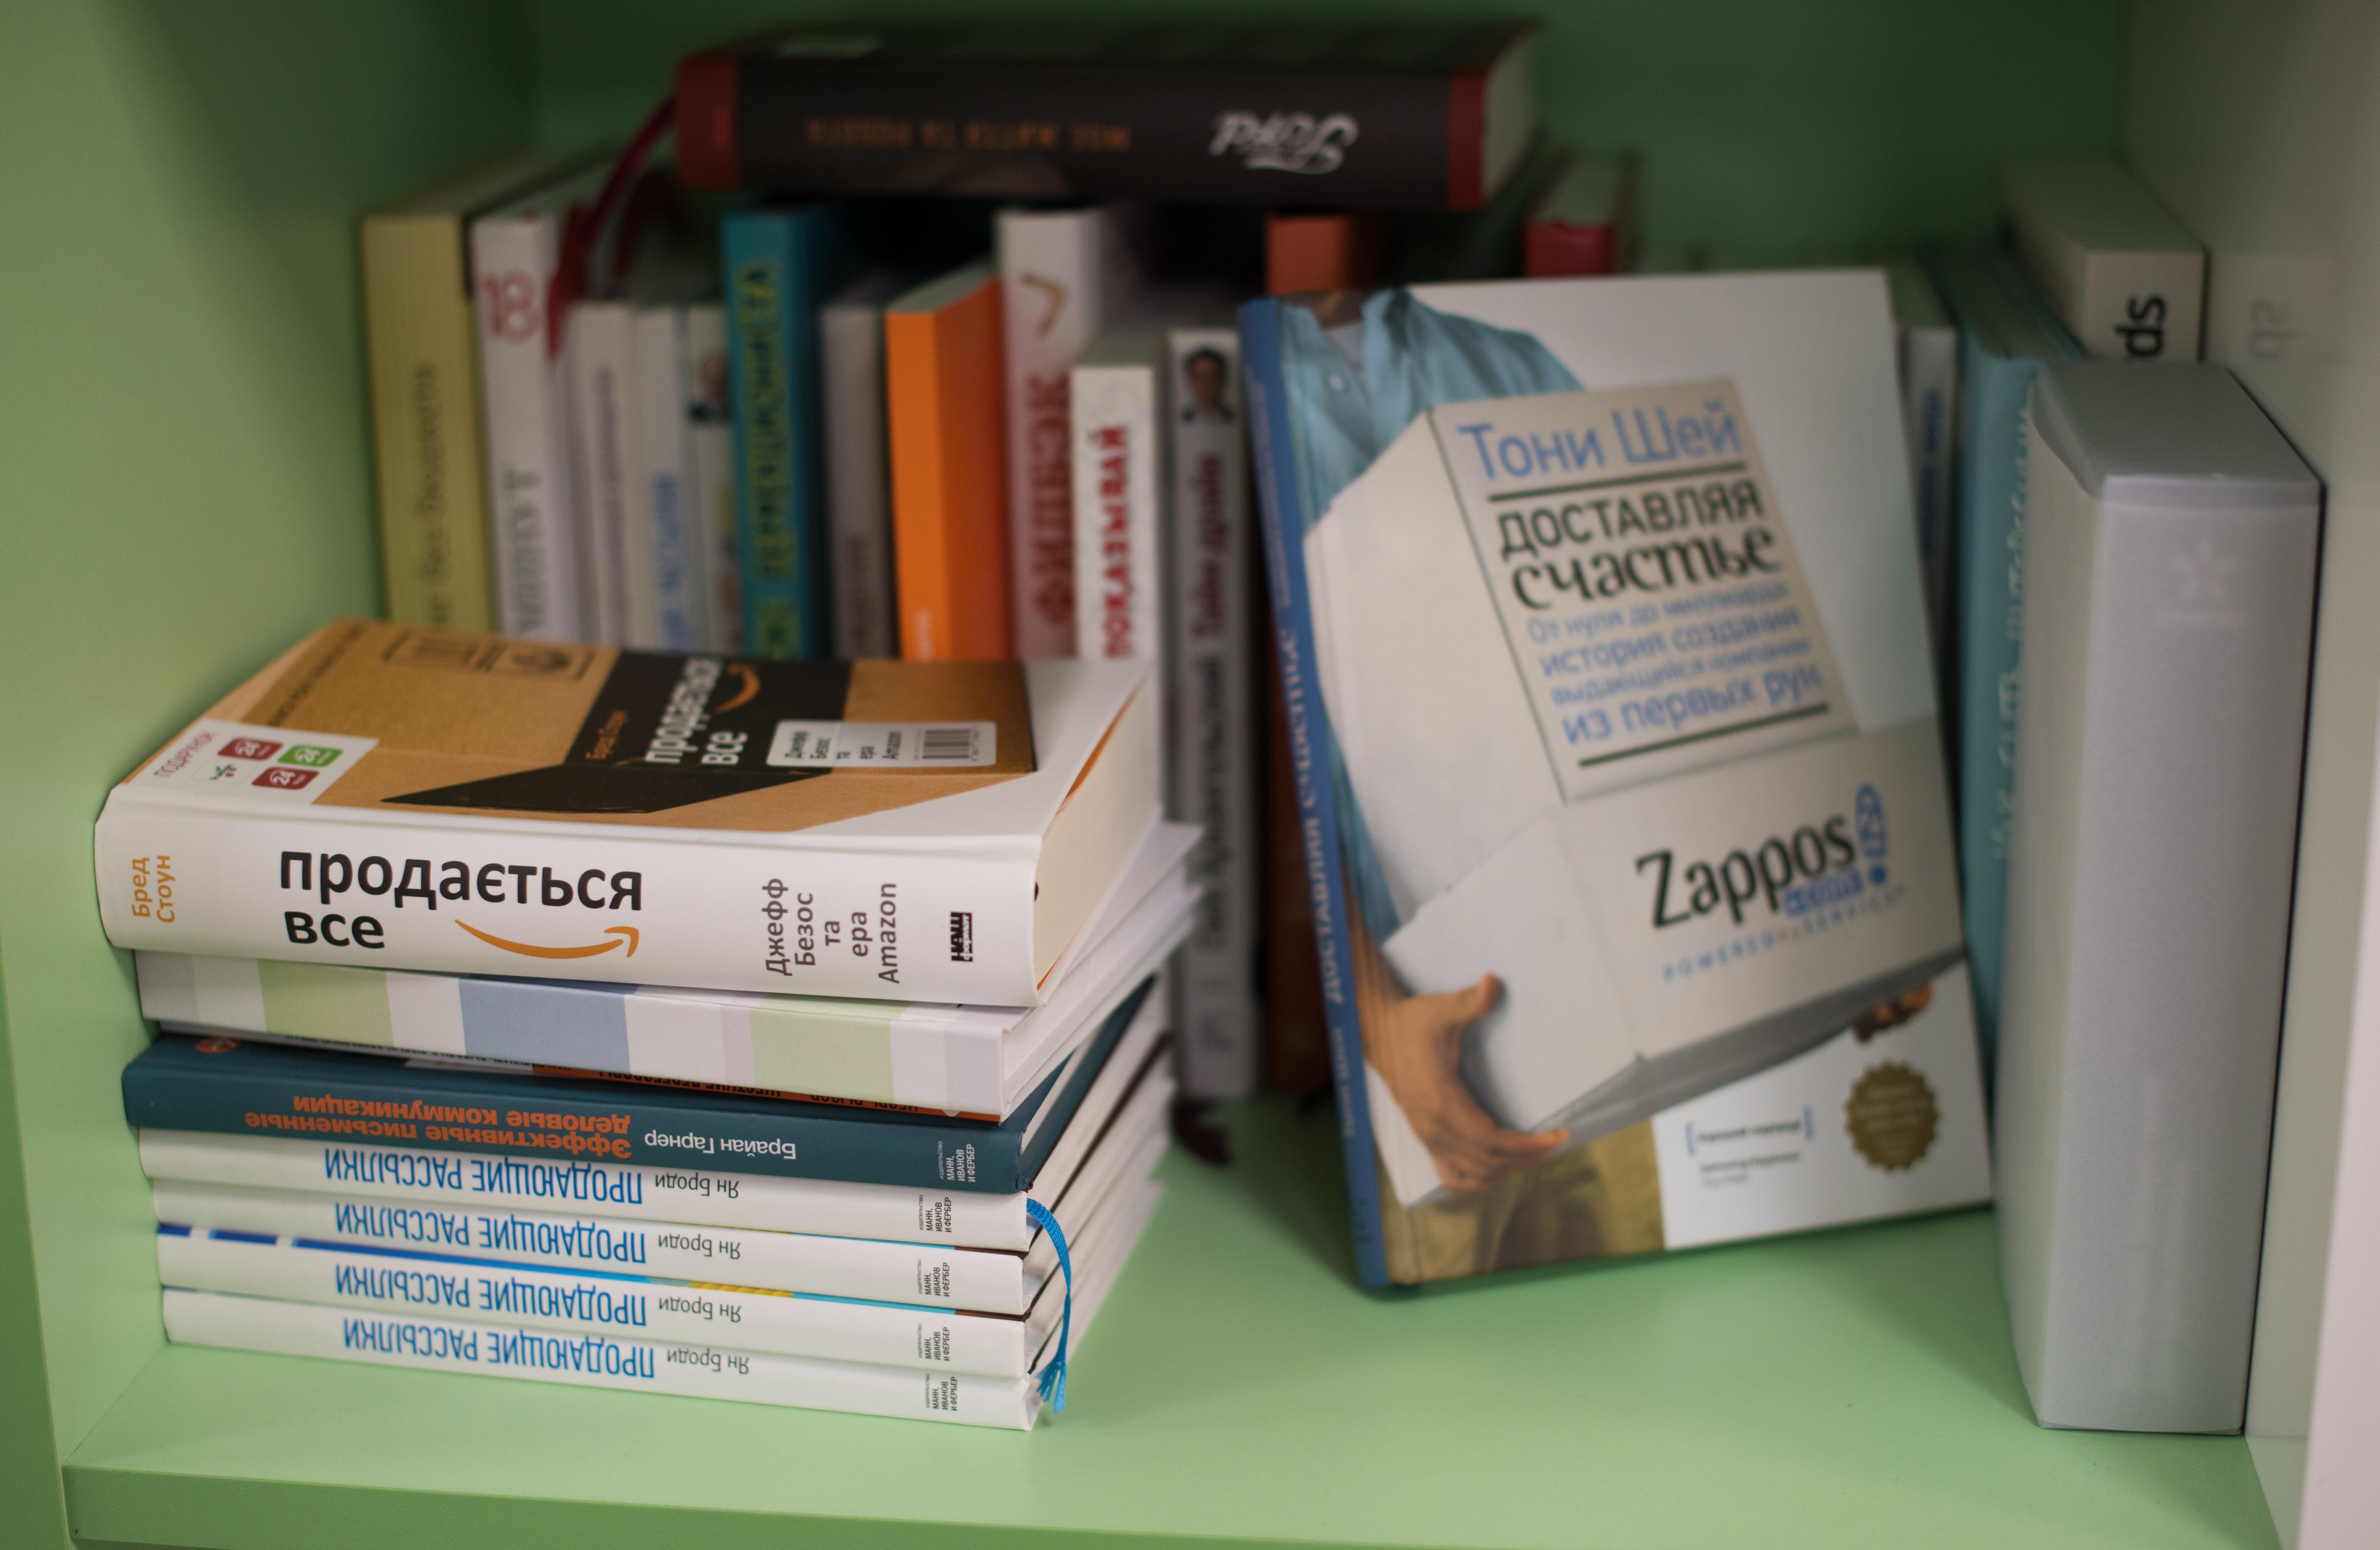 Тони Шей Доставляя счастье и другие бизнес-книги